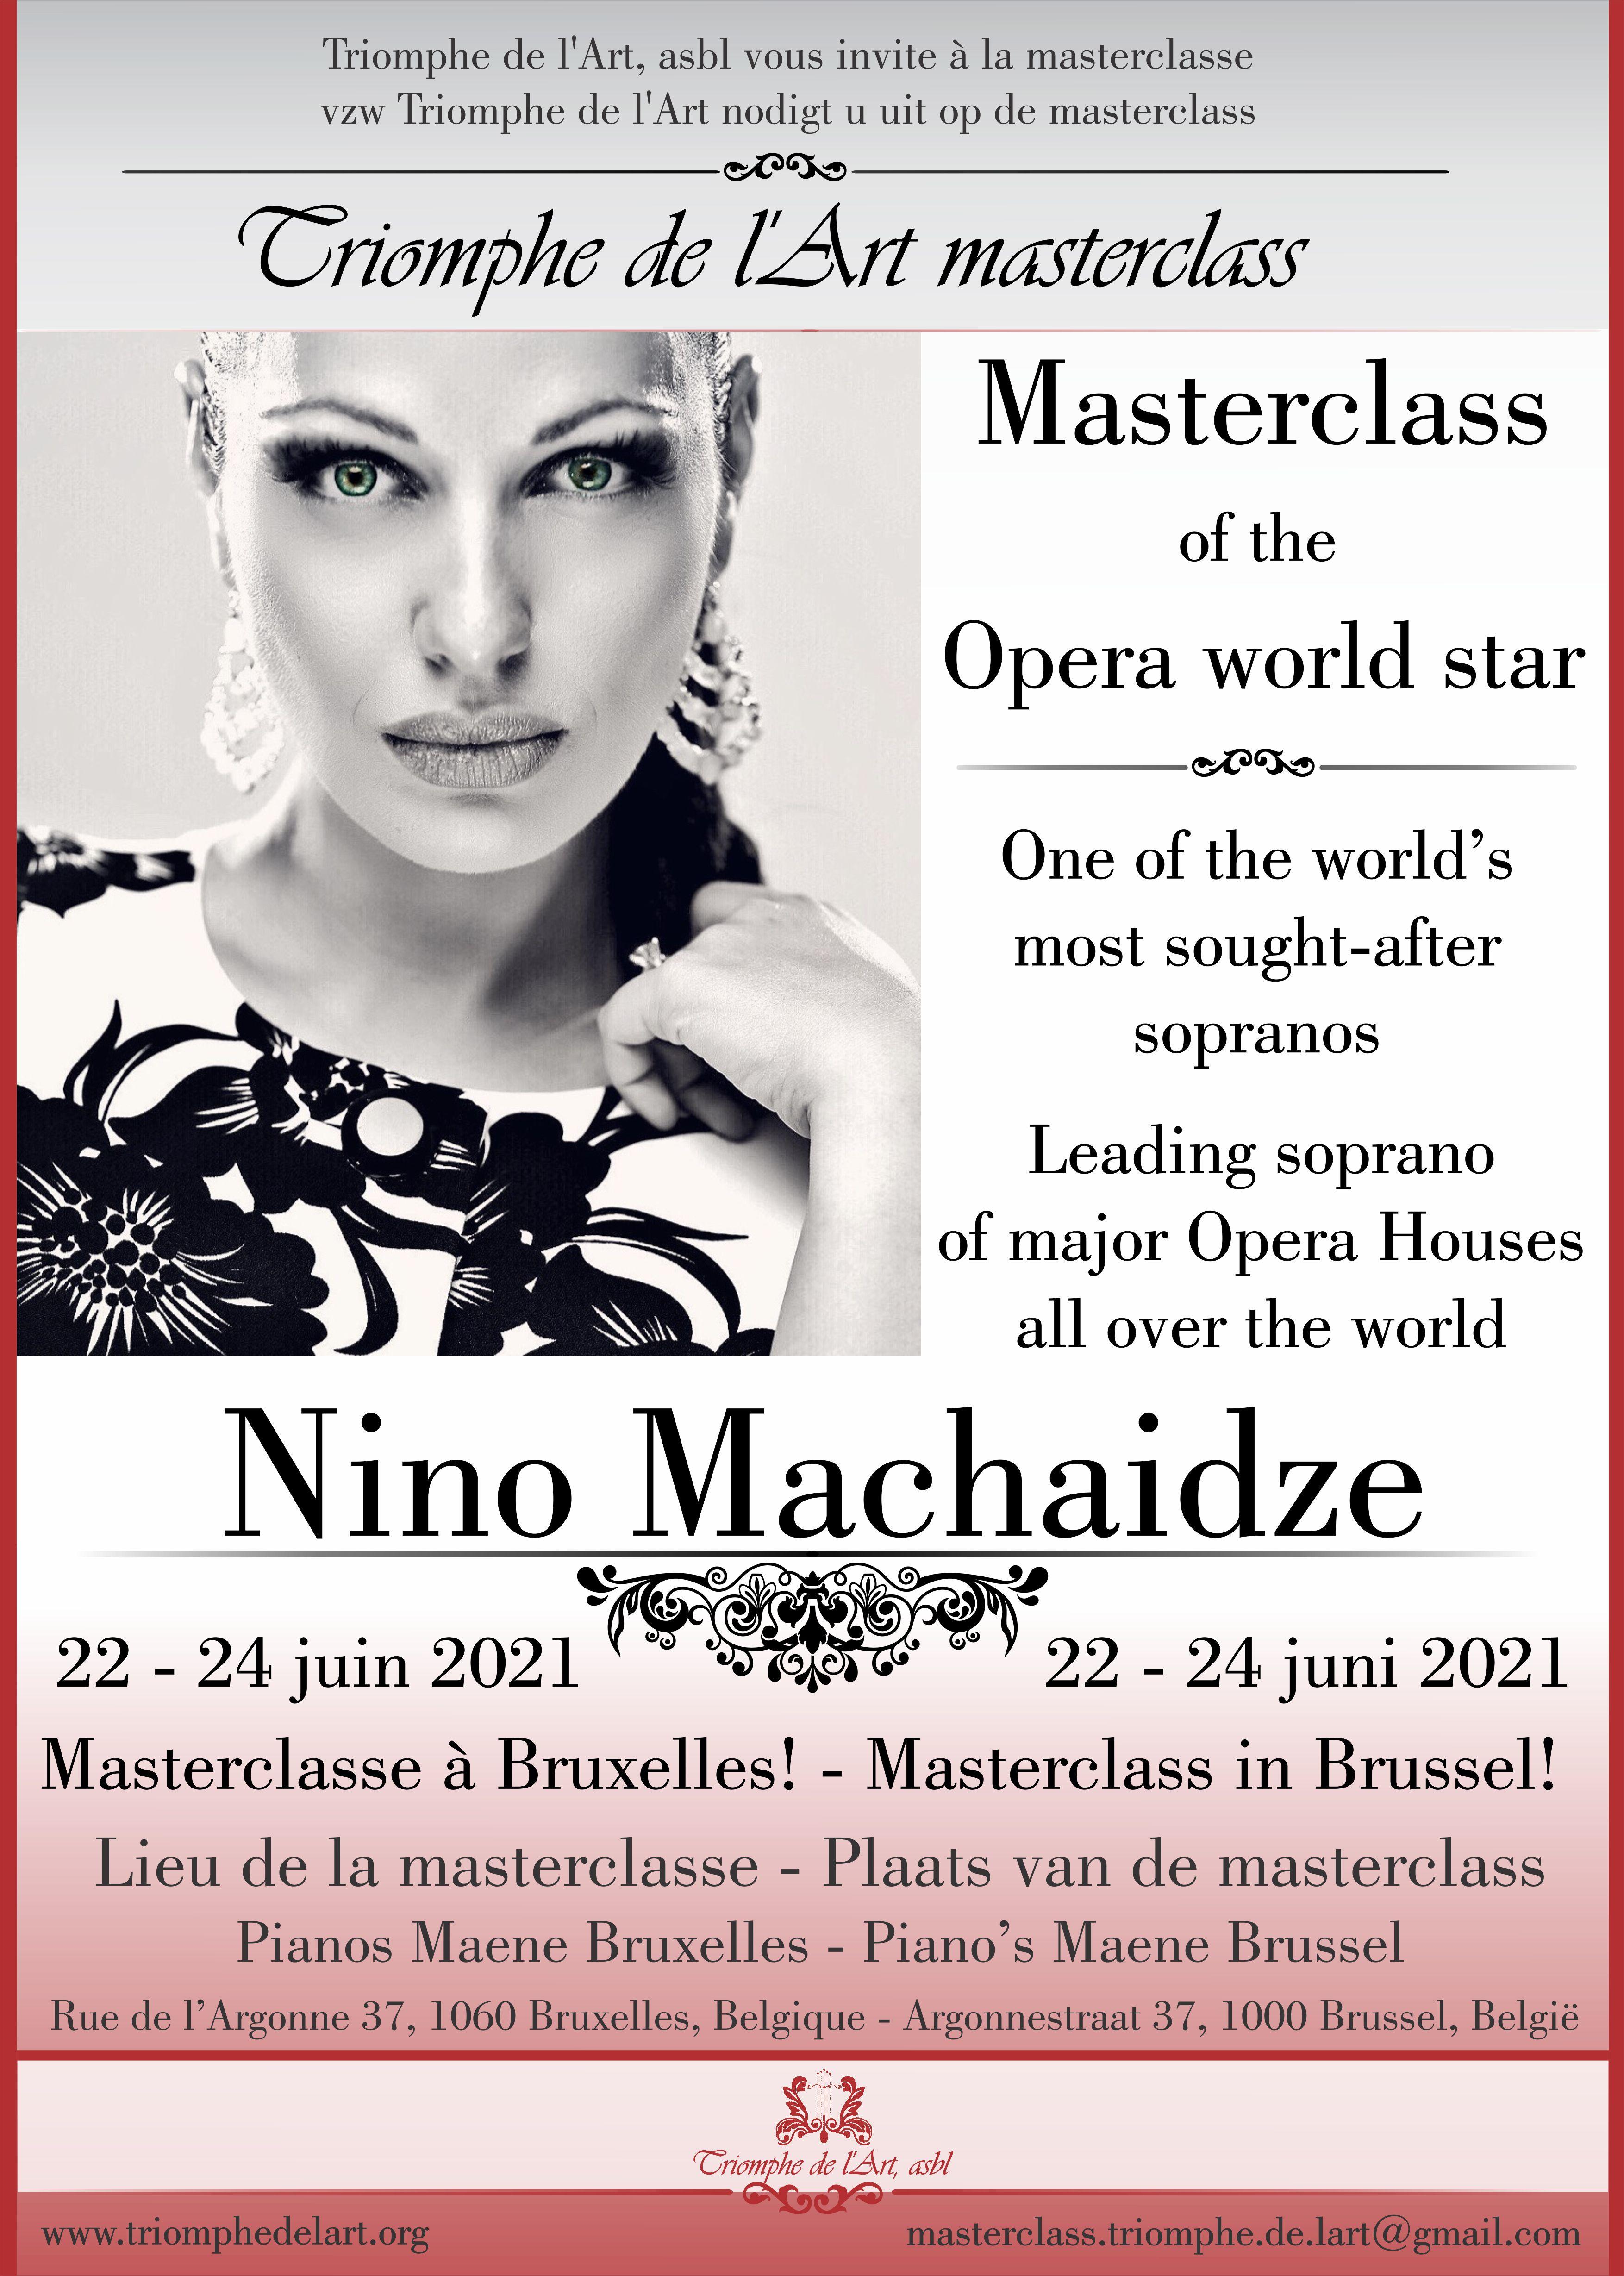 Nino Machaidze masterclass